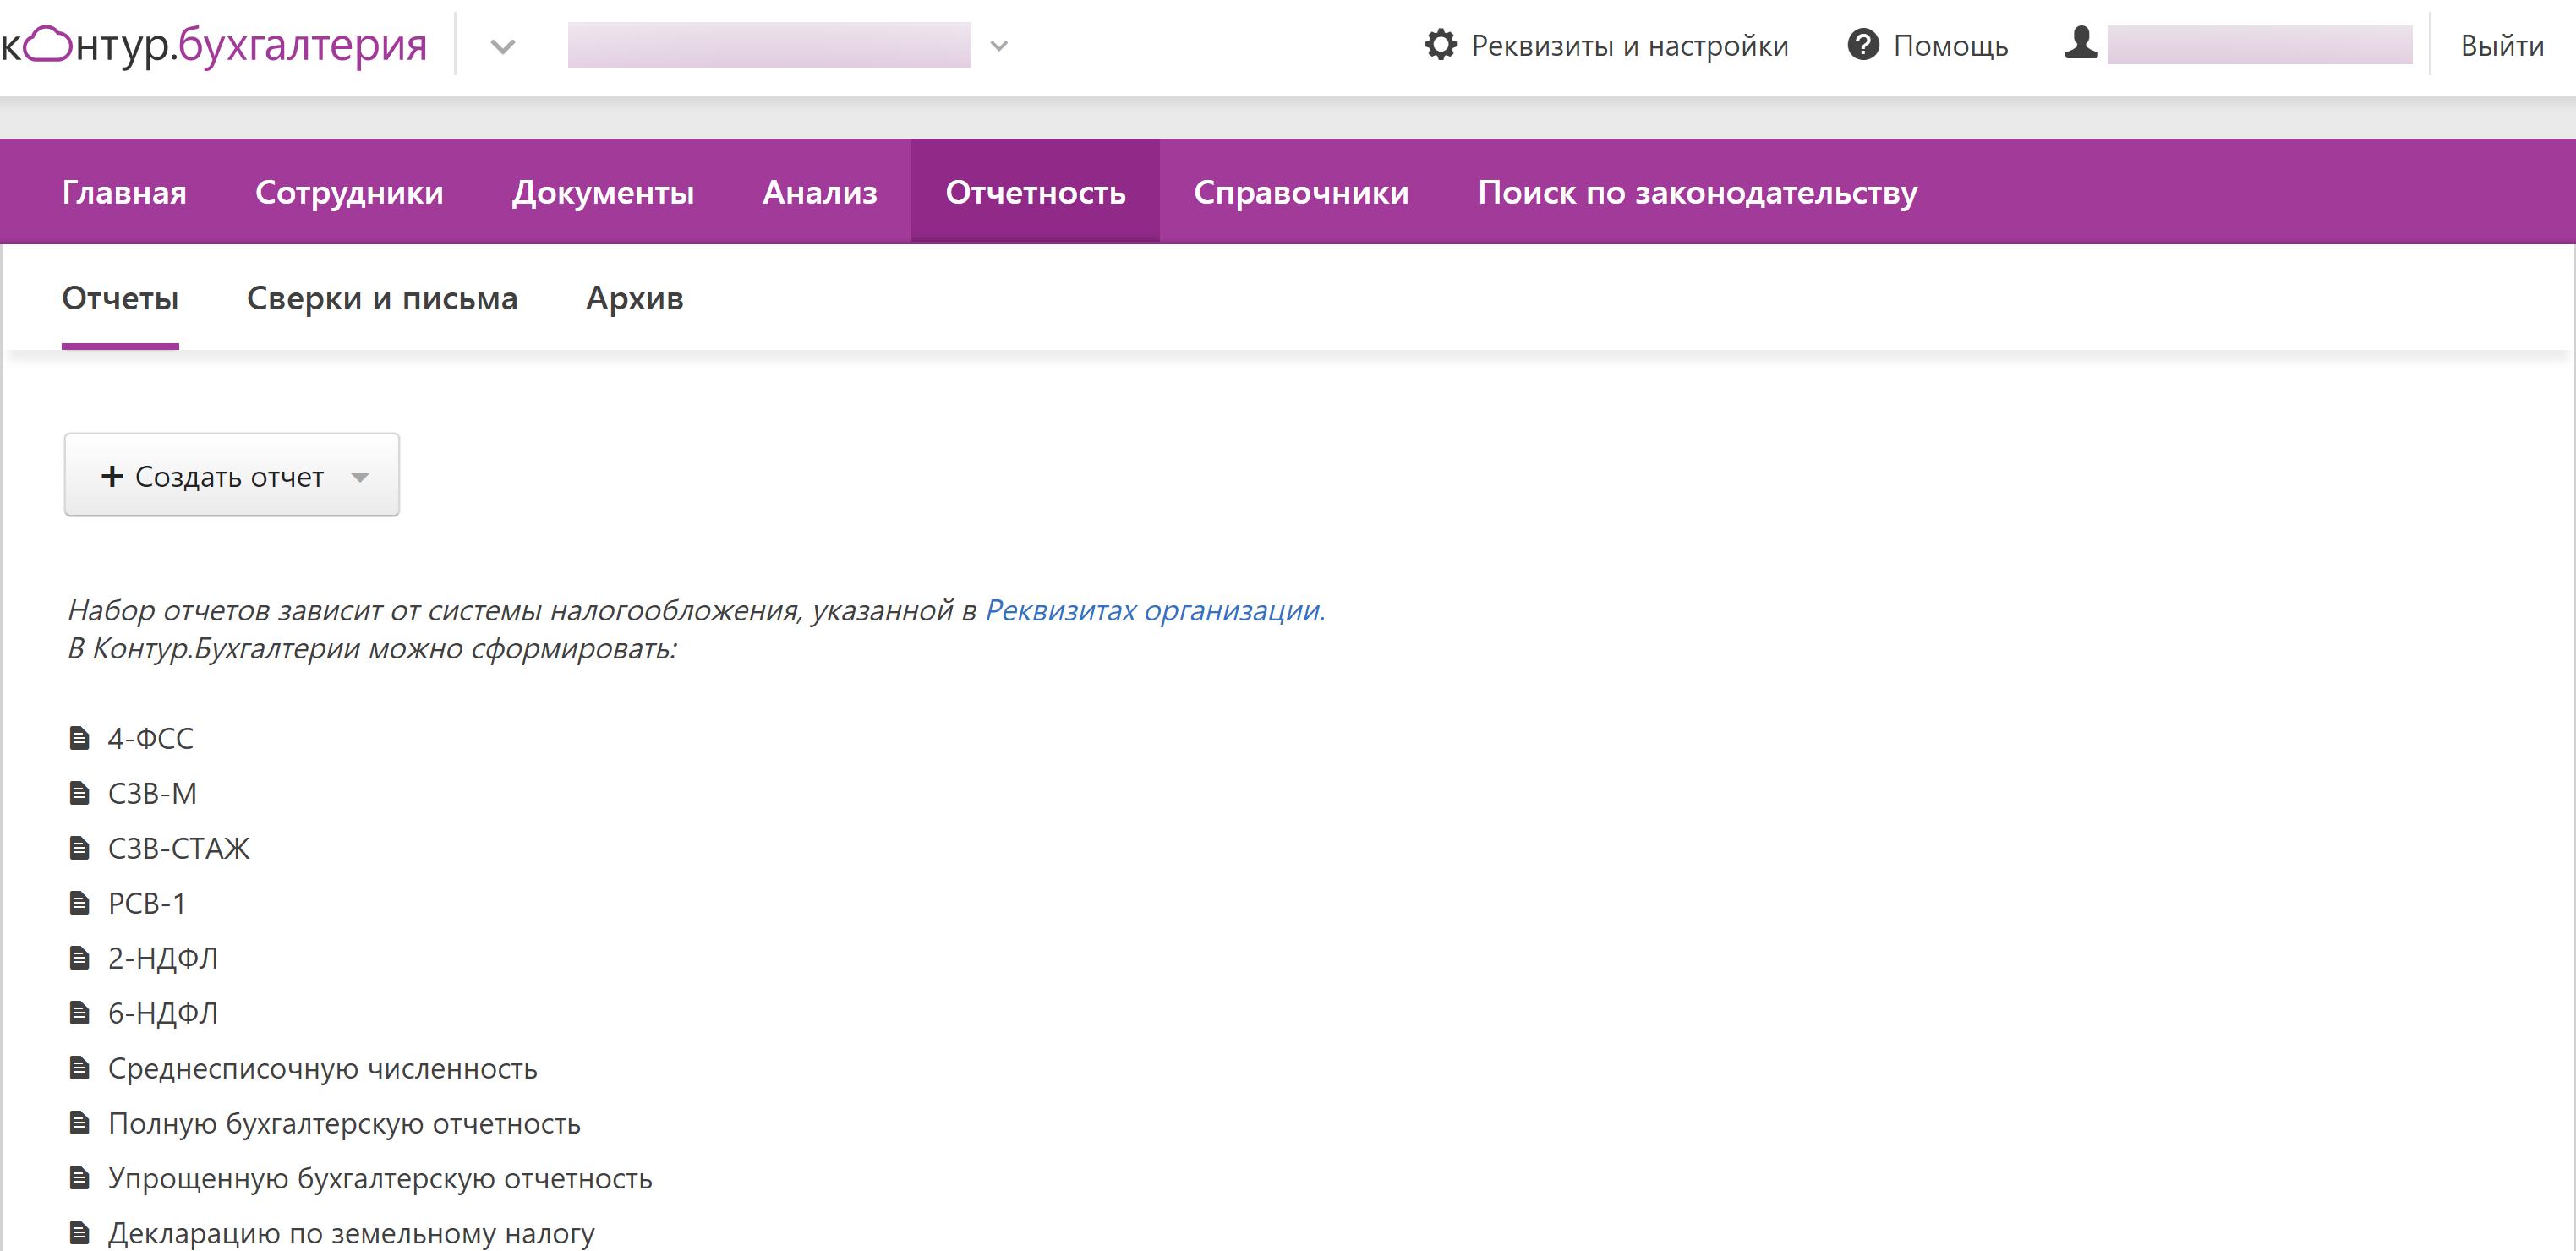 Ип онлайн бухгалтерия бесплатно отправка отчетности ндс в электронном виде